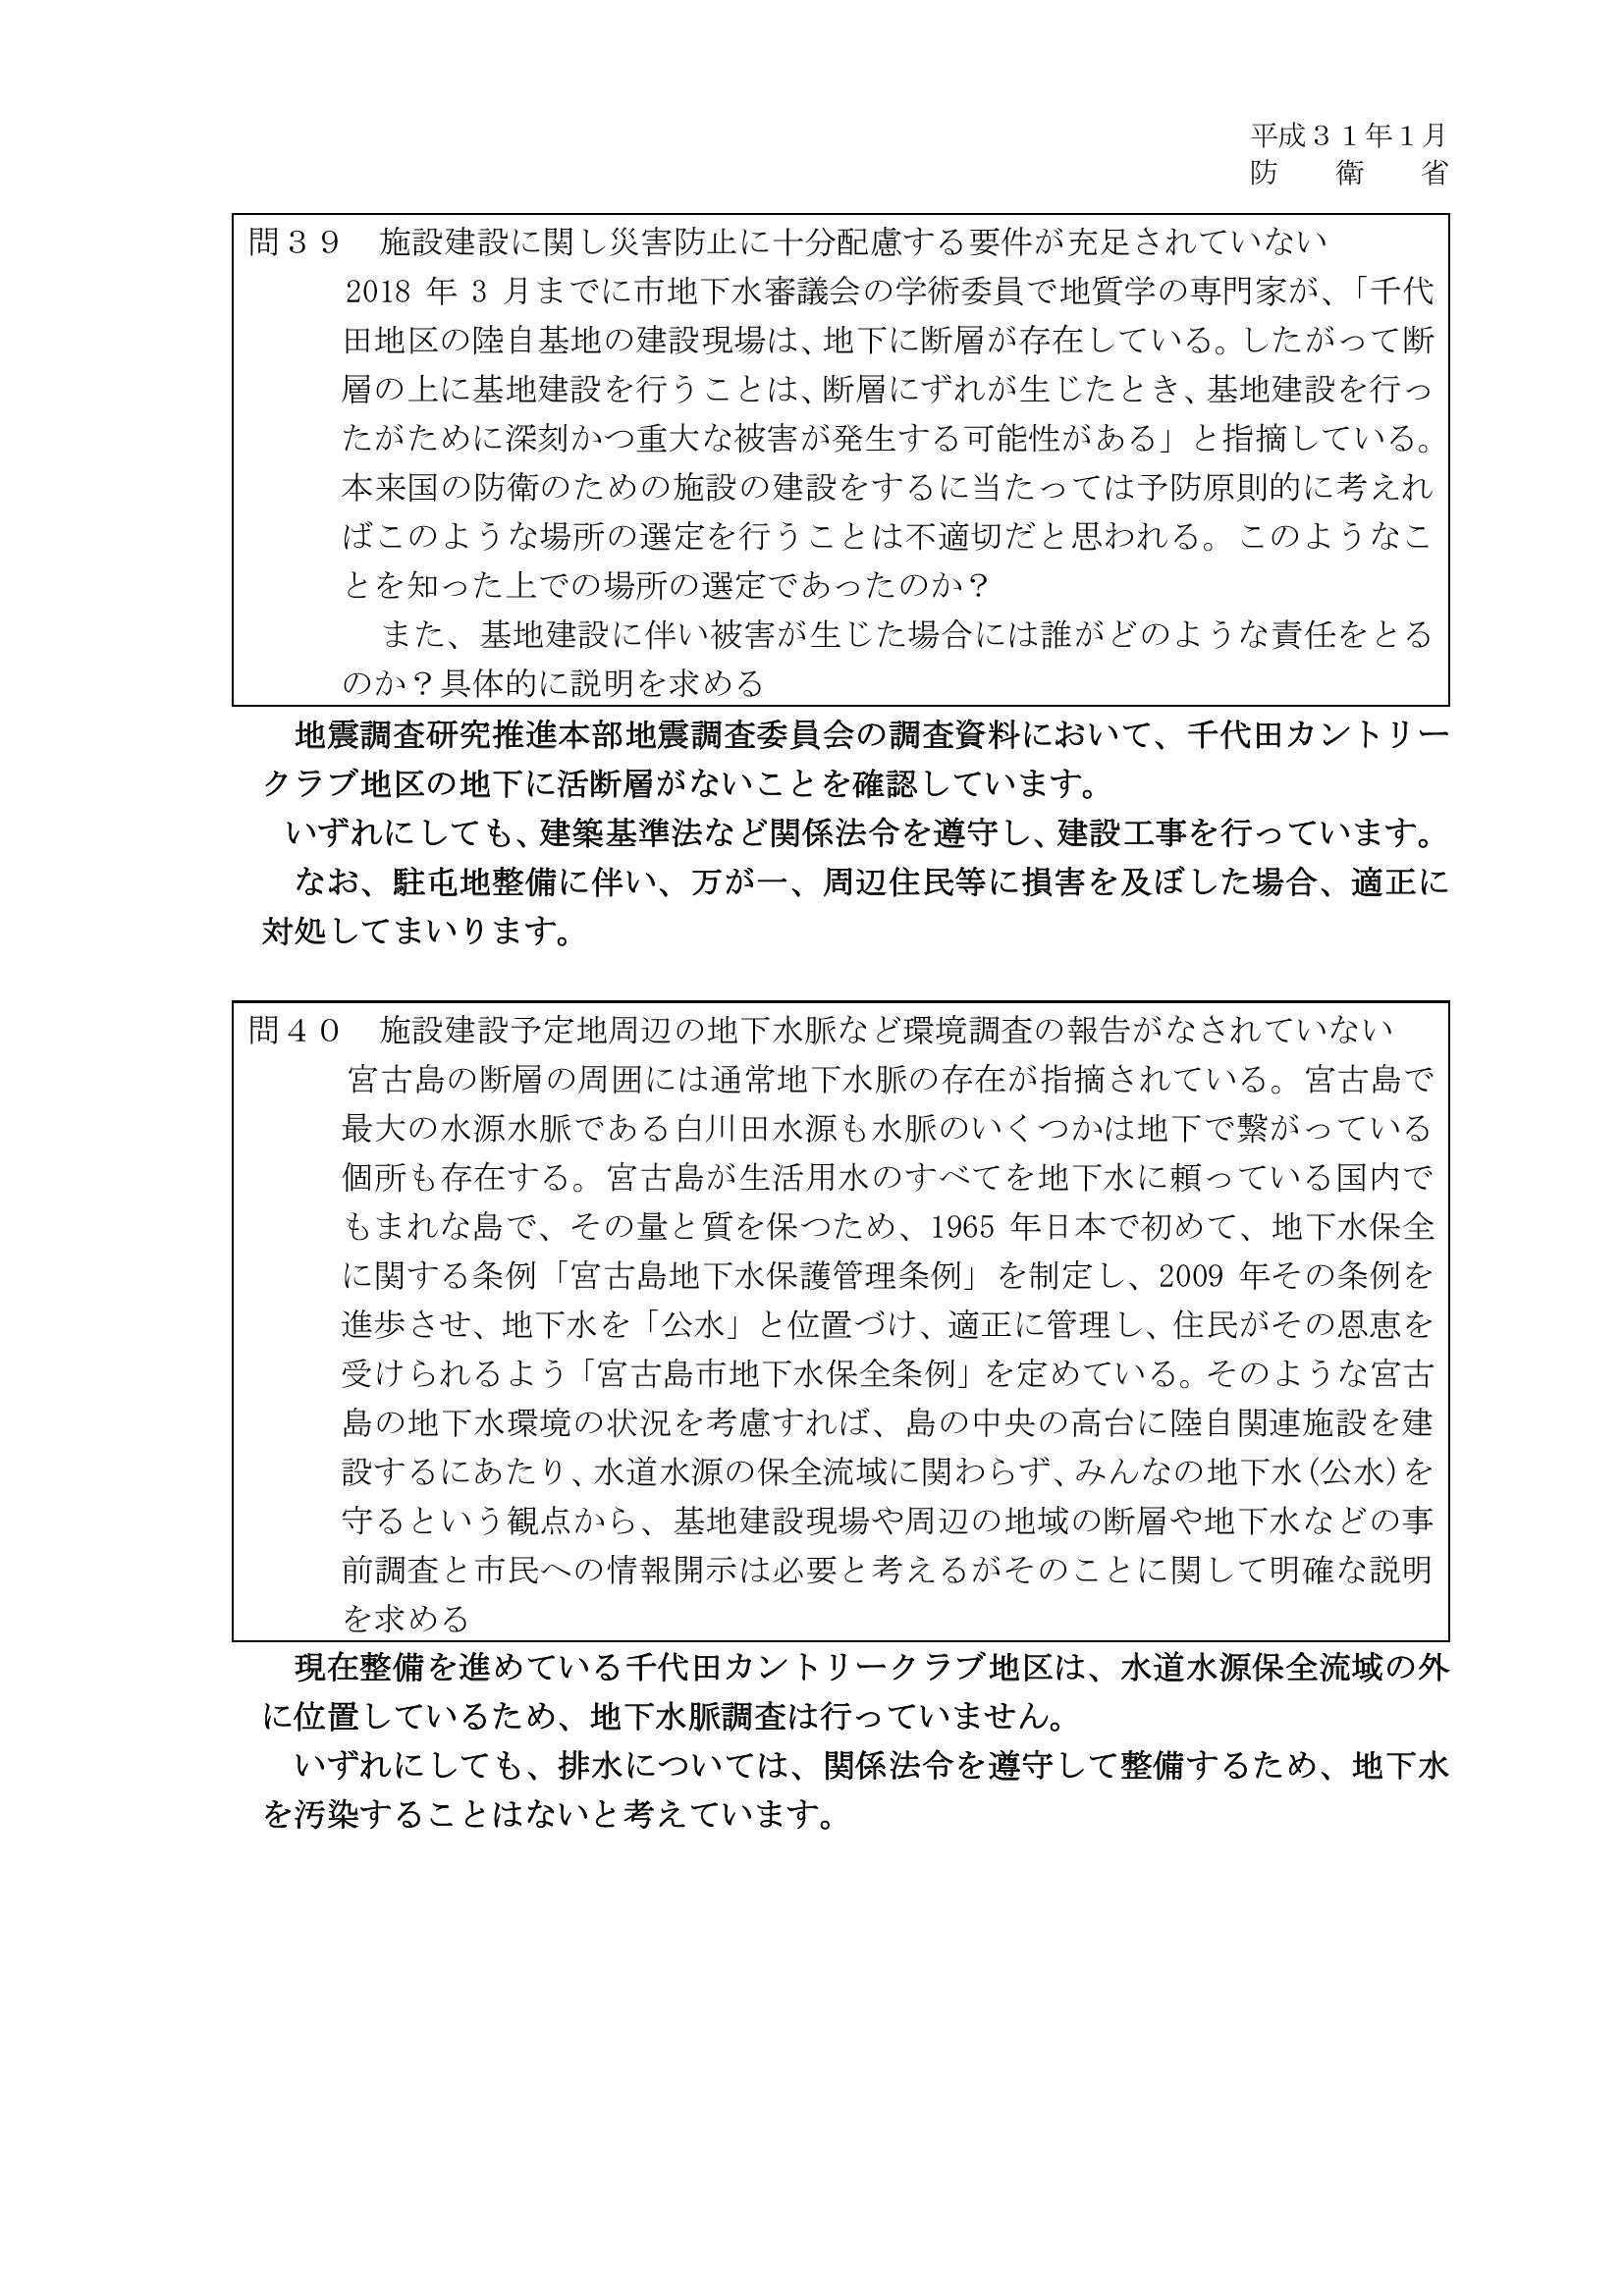 201901防衛省回答0009